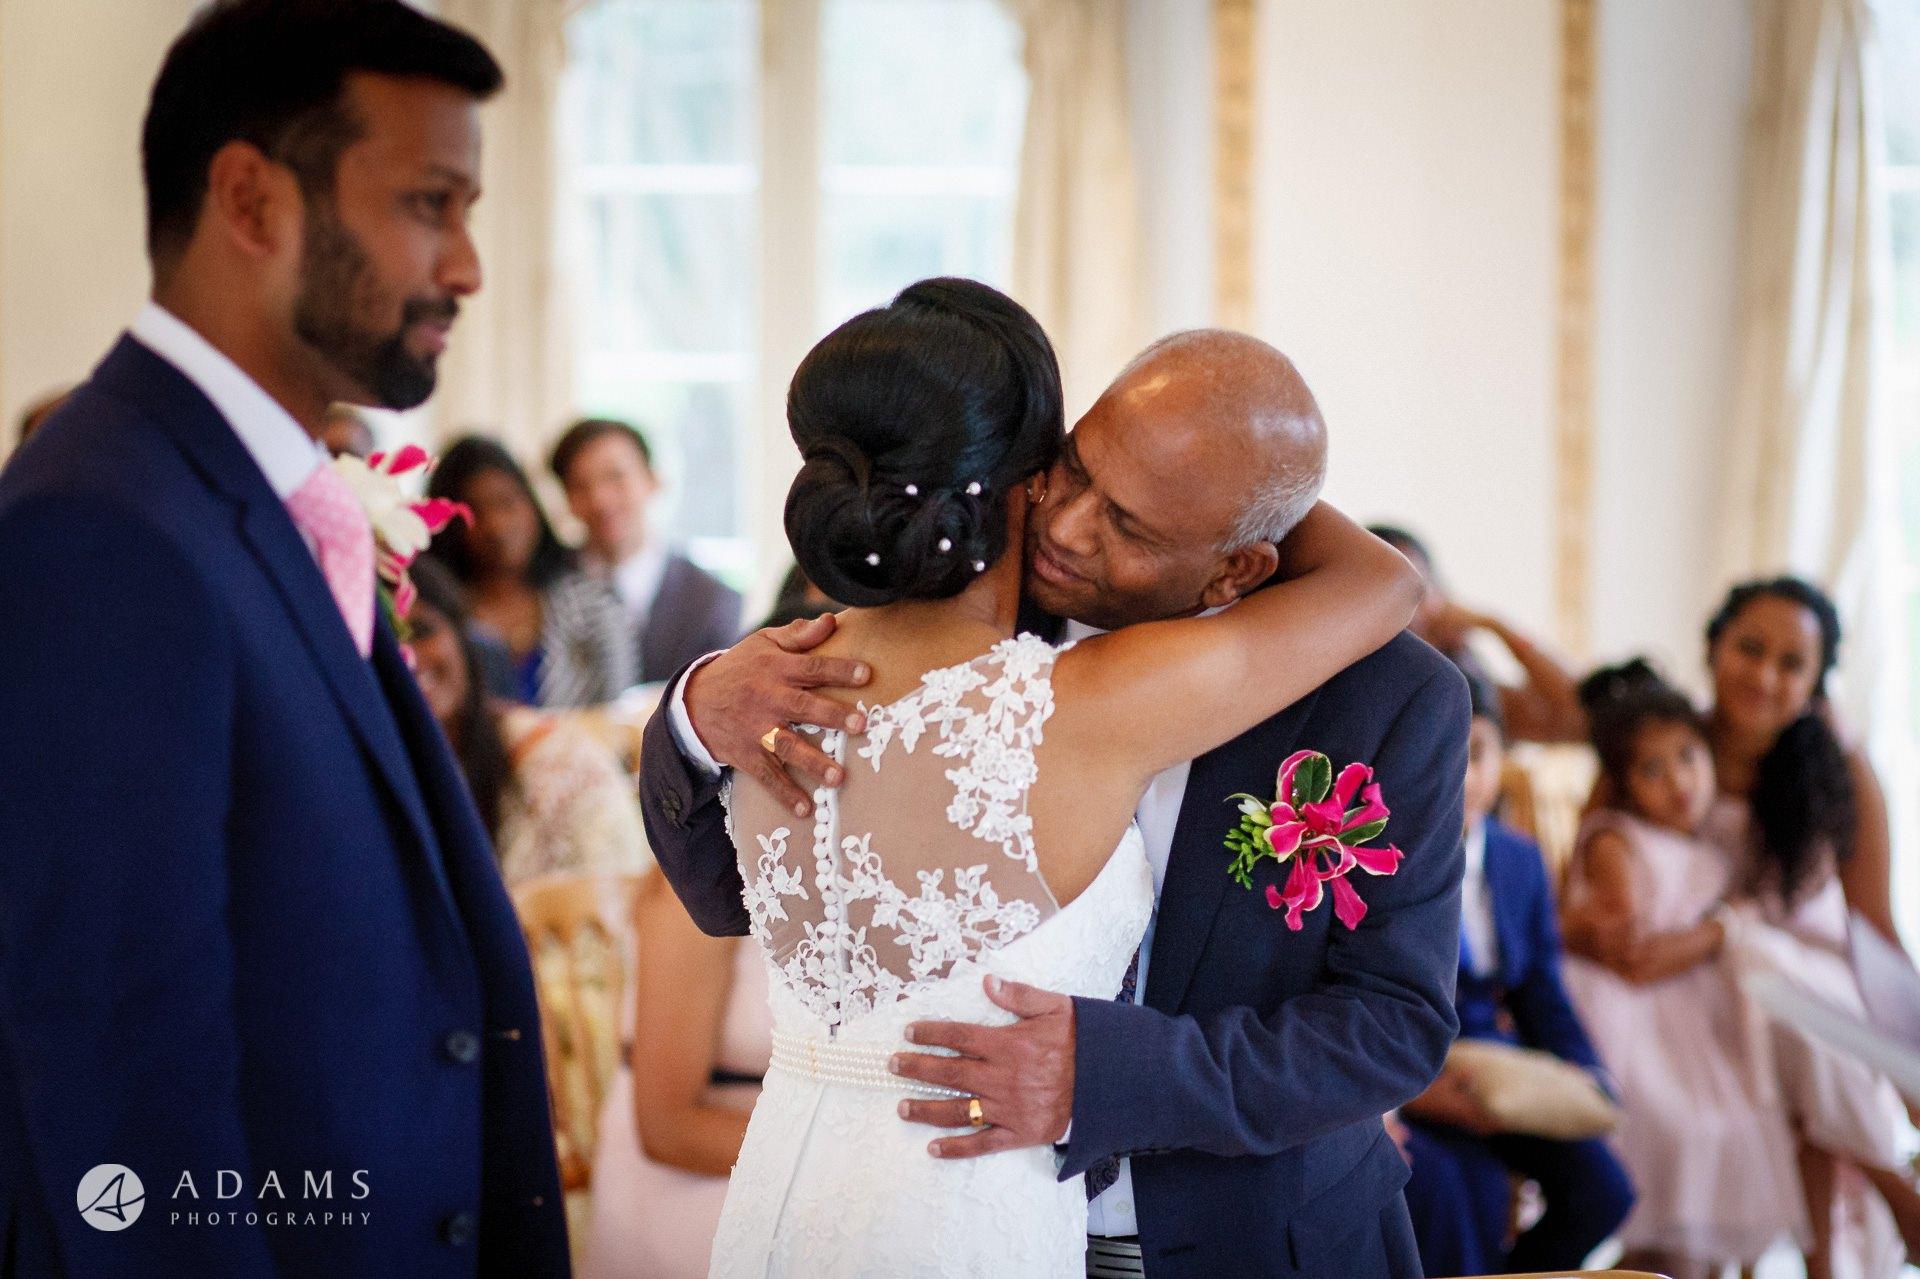 Northbrook Park Wedding Photography   Twa + Len 11